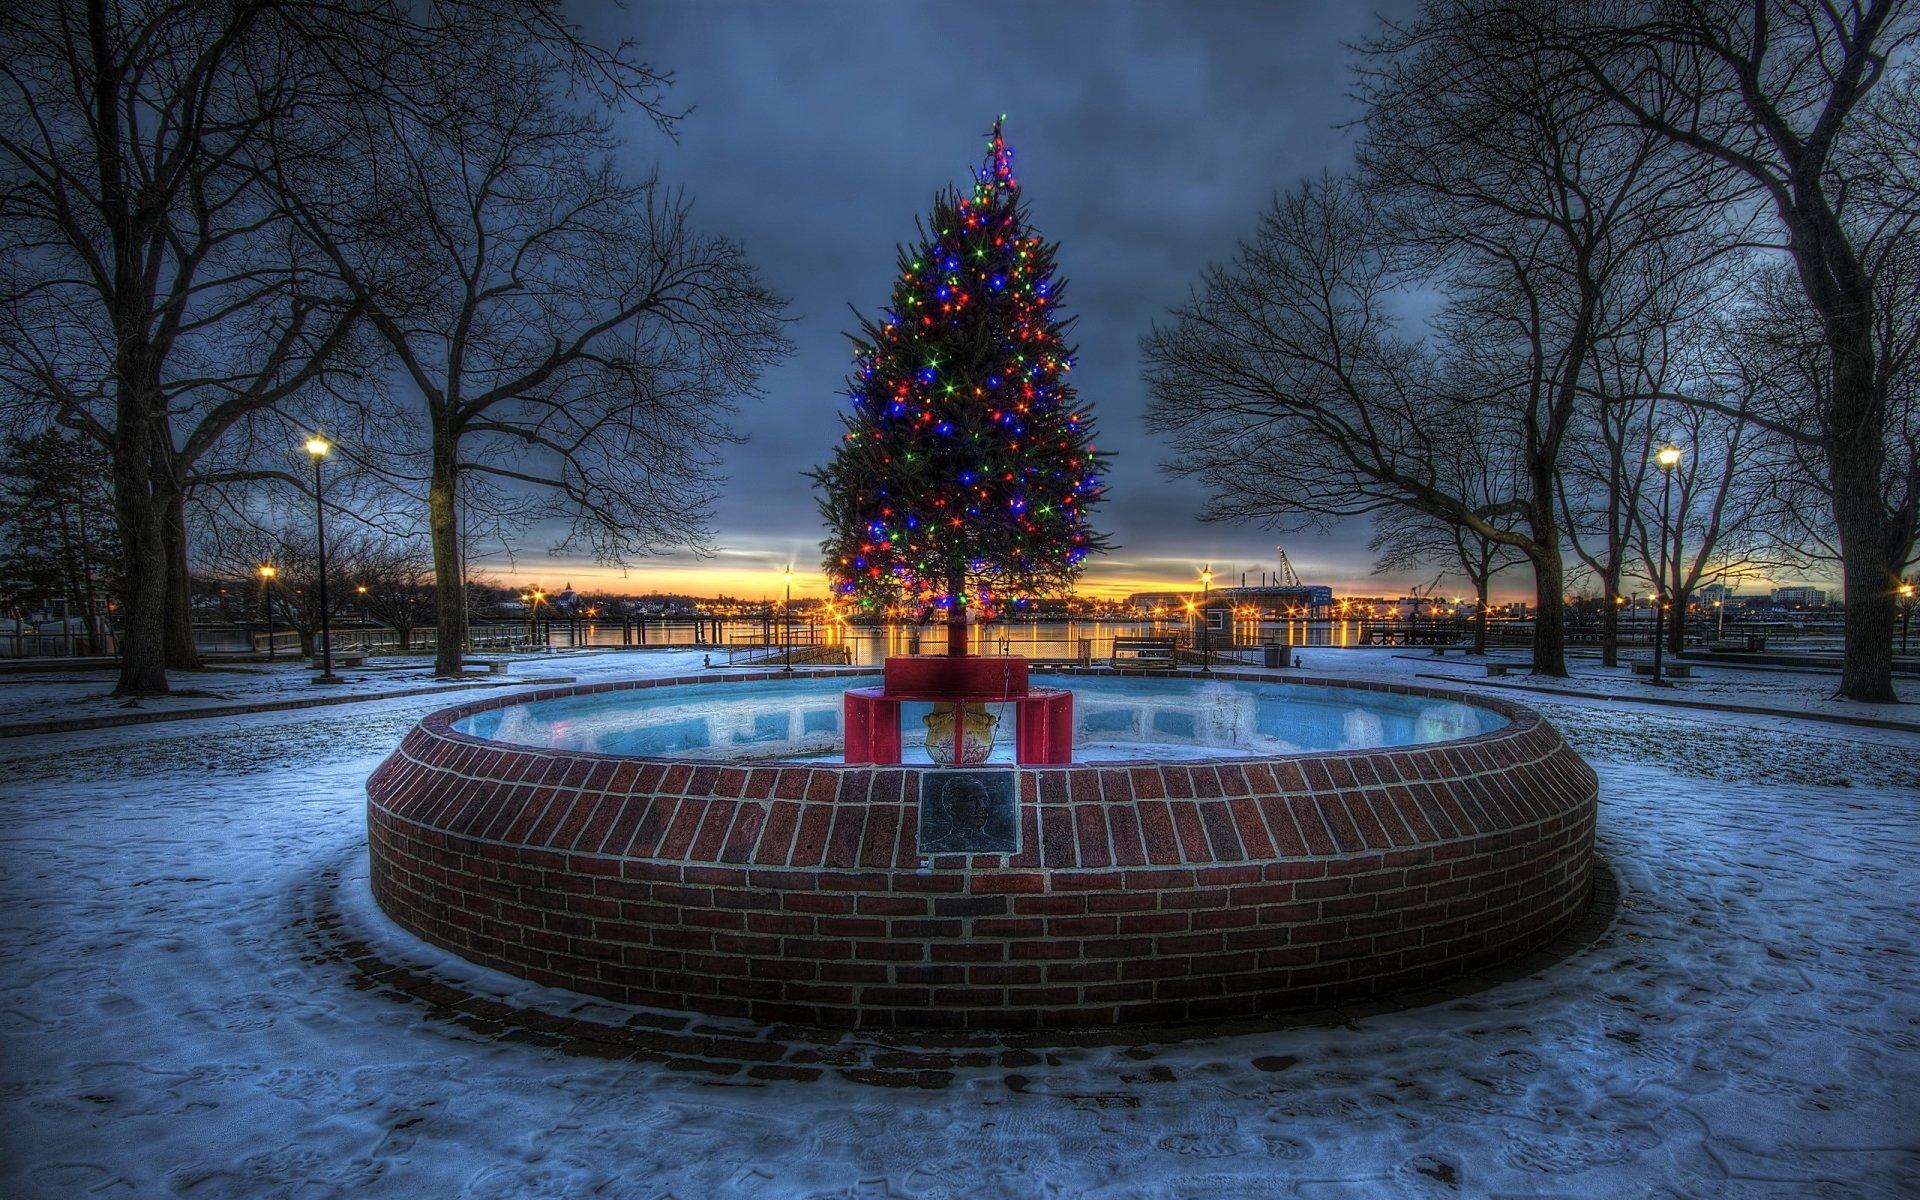 Vacances - Noël  Vacances Christmas Tree Lumière Nuit Fond d'écran